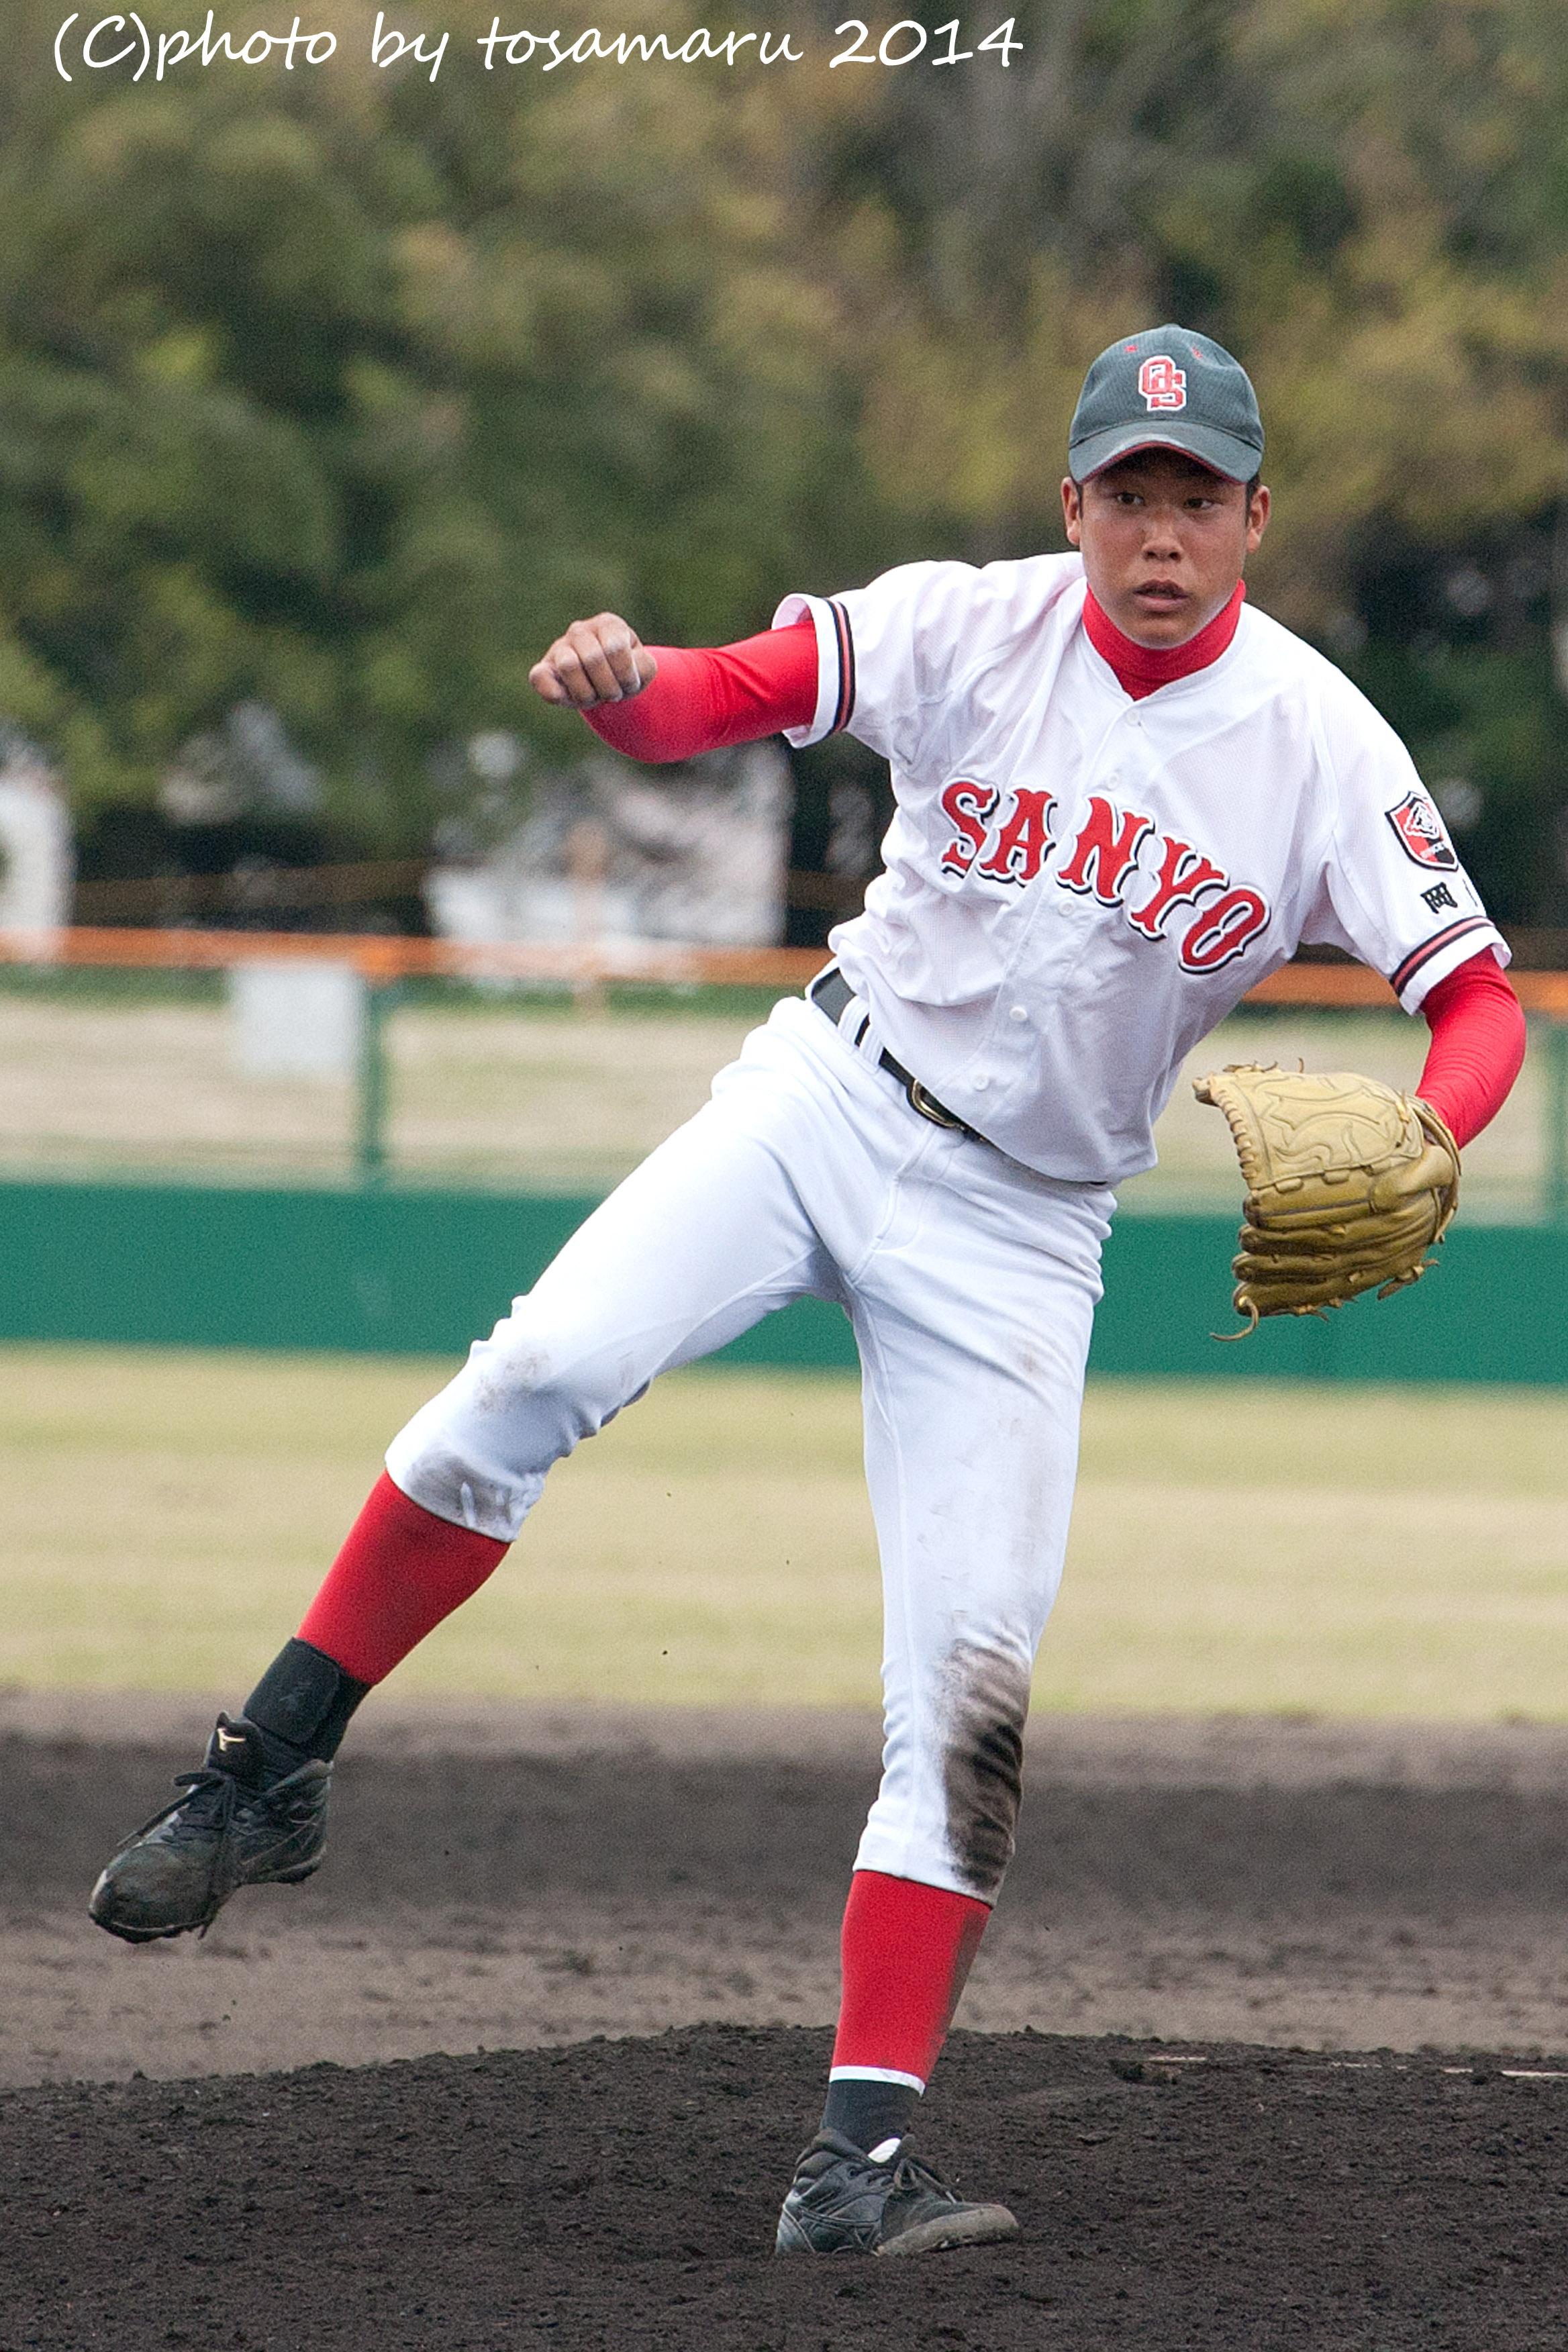 2 ちゃんねる 岡山 高校 野球